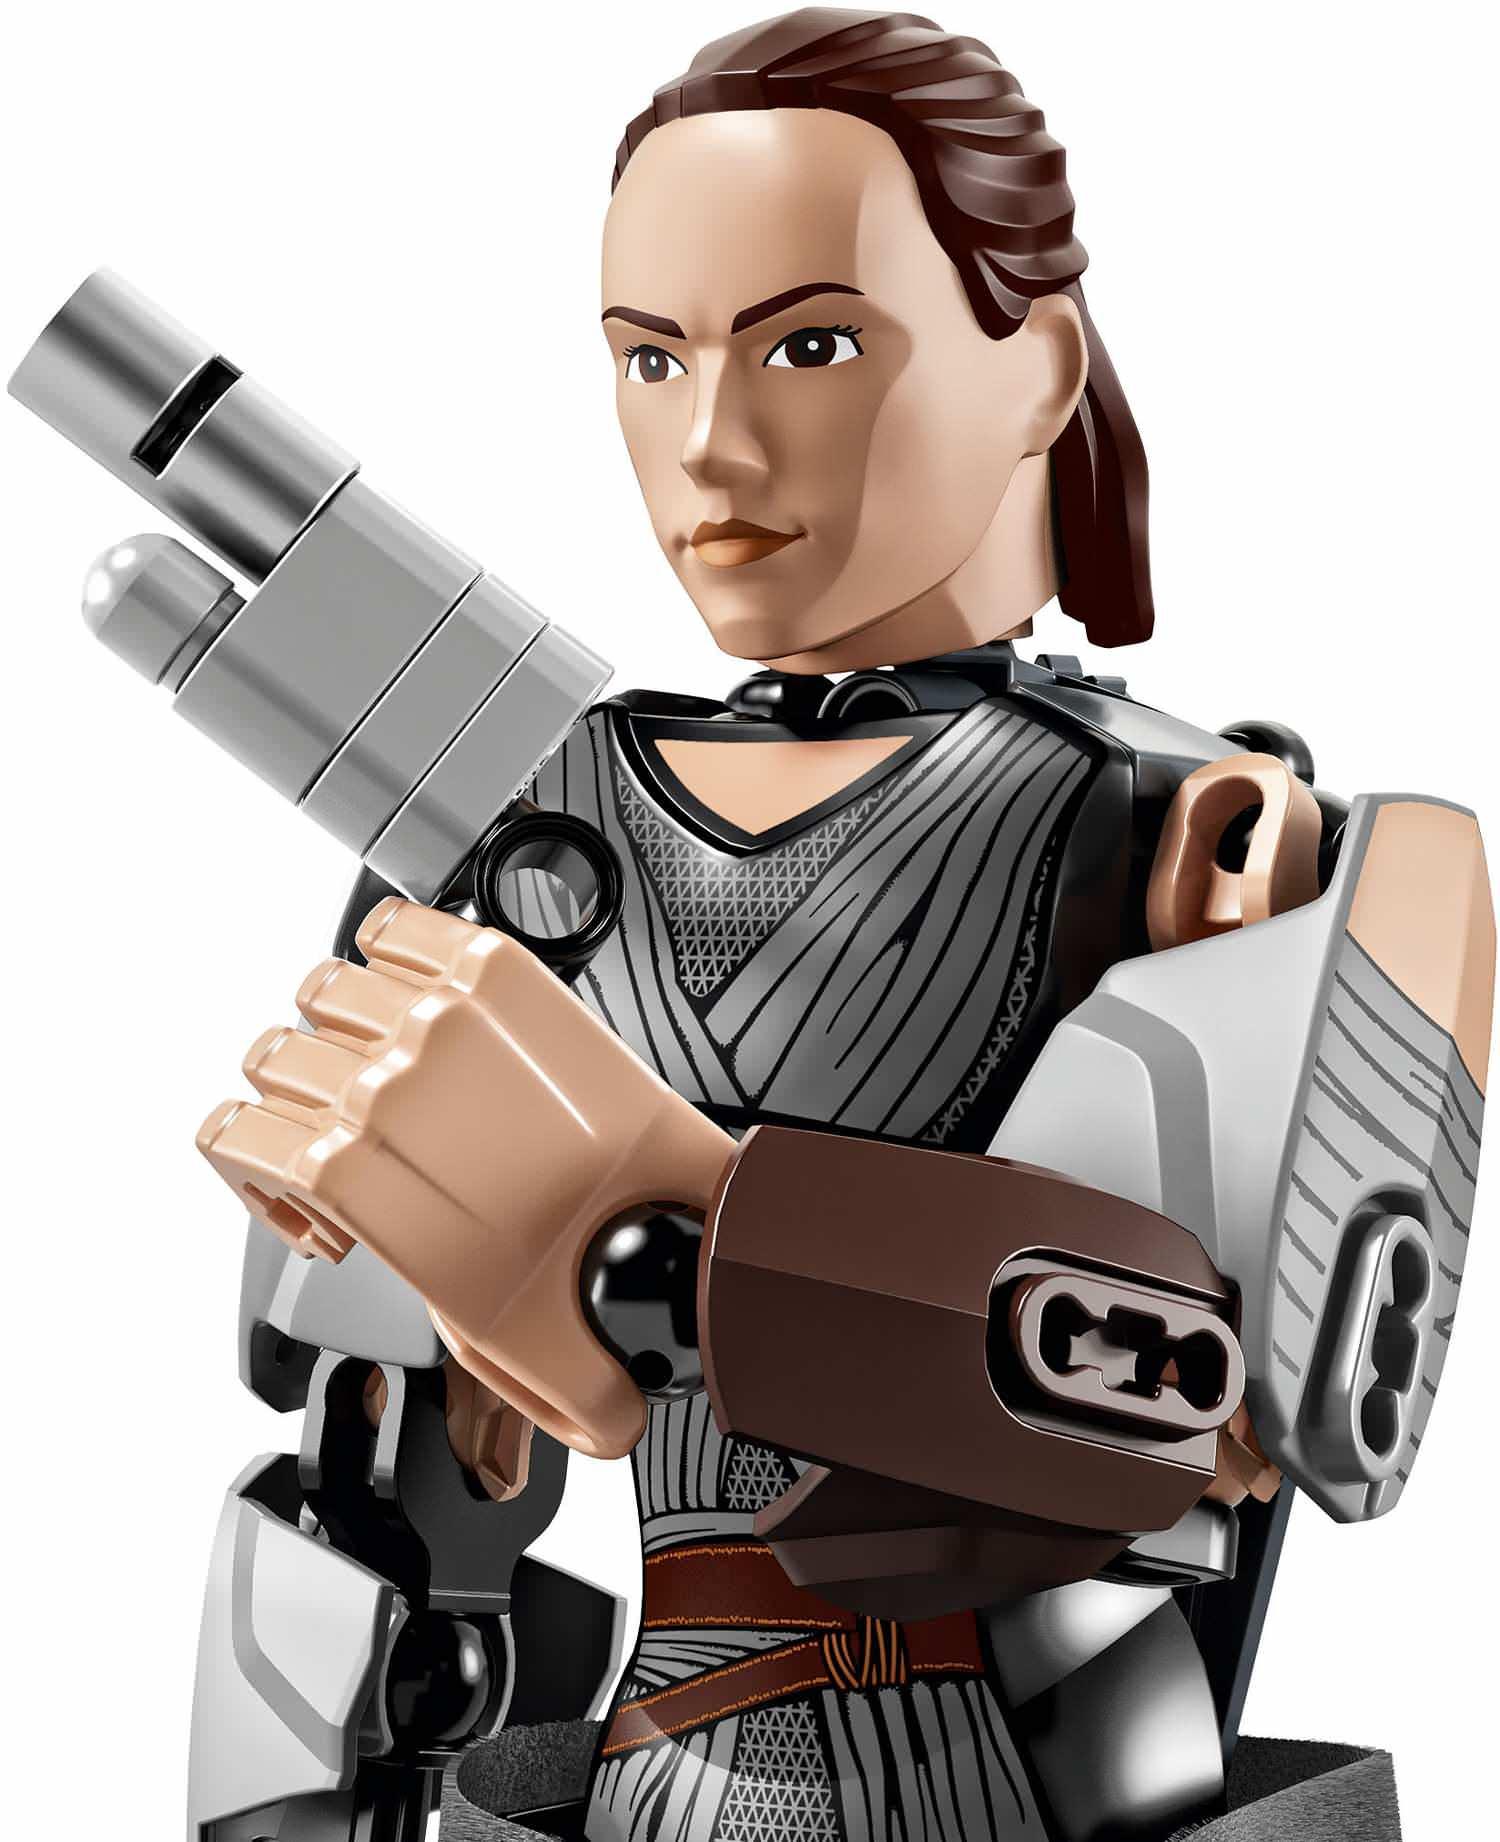 [Produits] Figurines Star Wars de l'automne 2017 : découvrez les images ! Afnno410